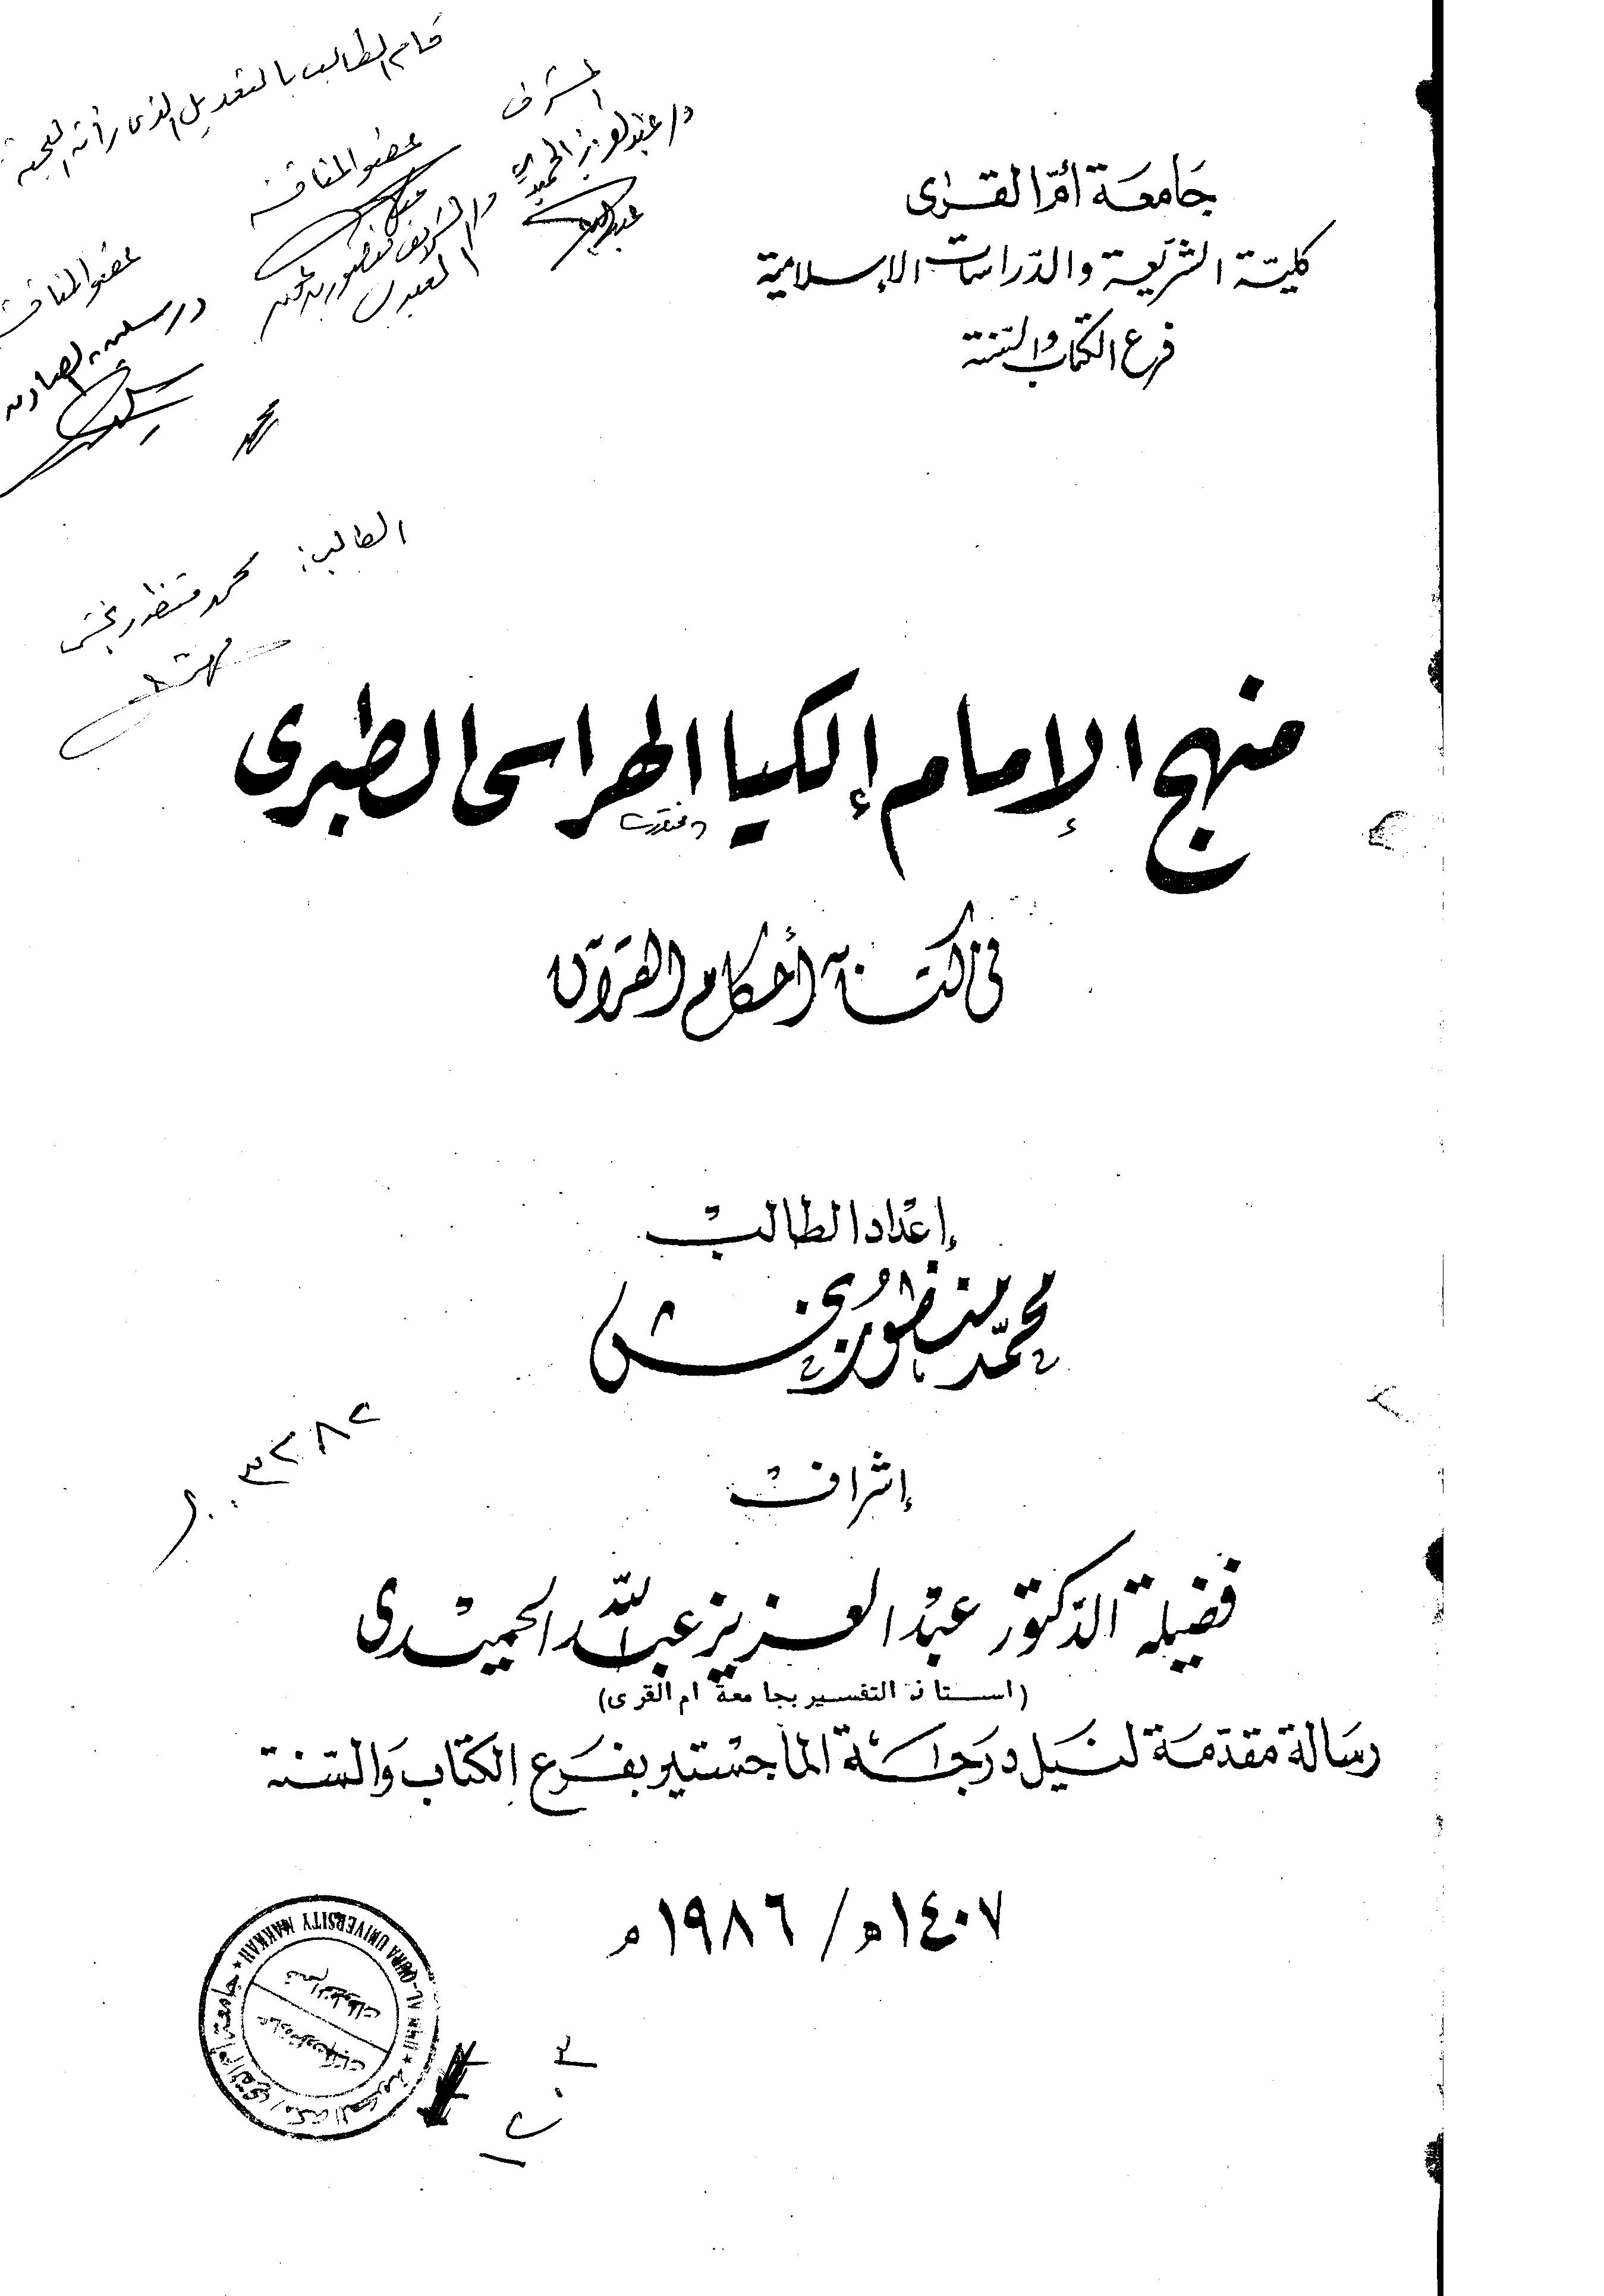 تحميل كتاب منهج الإمام إلكيا الهراسي الطبري في كتابه «أحكام القرآن» لـِ: الدكتور محمد منظور بخش رمضان